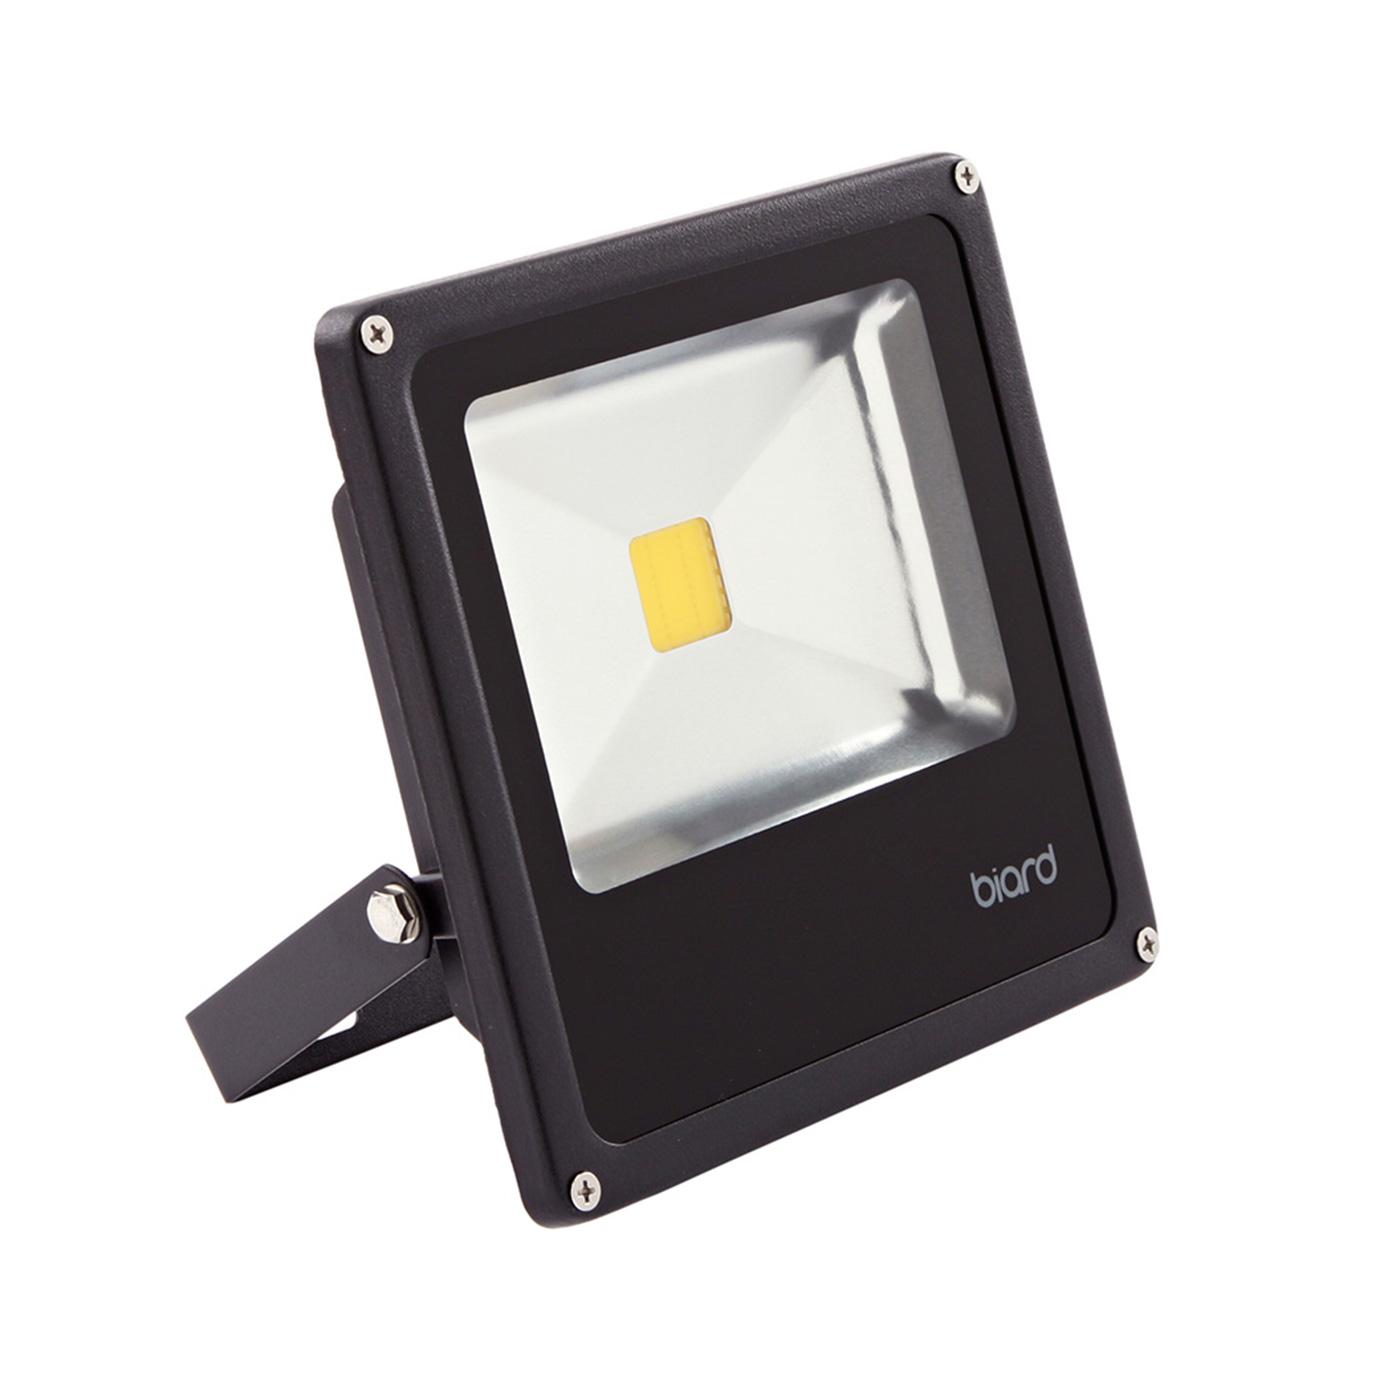 Faro Proiettore LED 20W Equivalente a 120 Watt con Struttura Nera